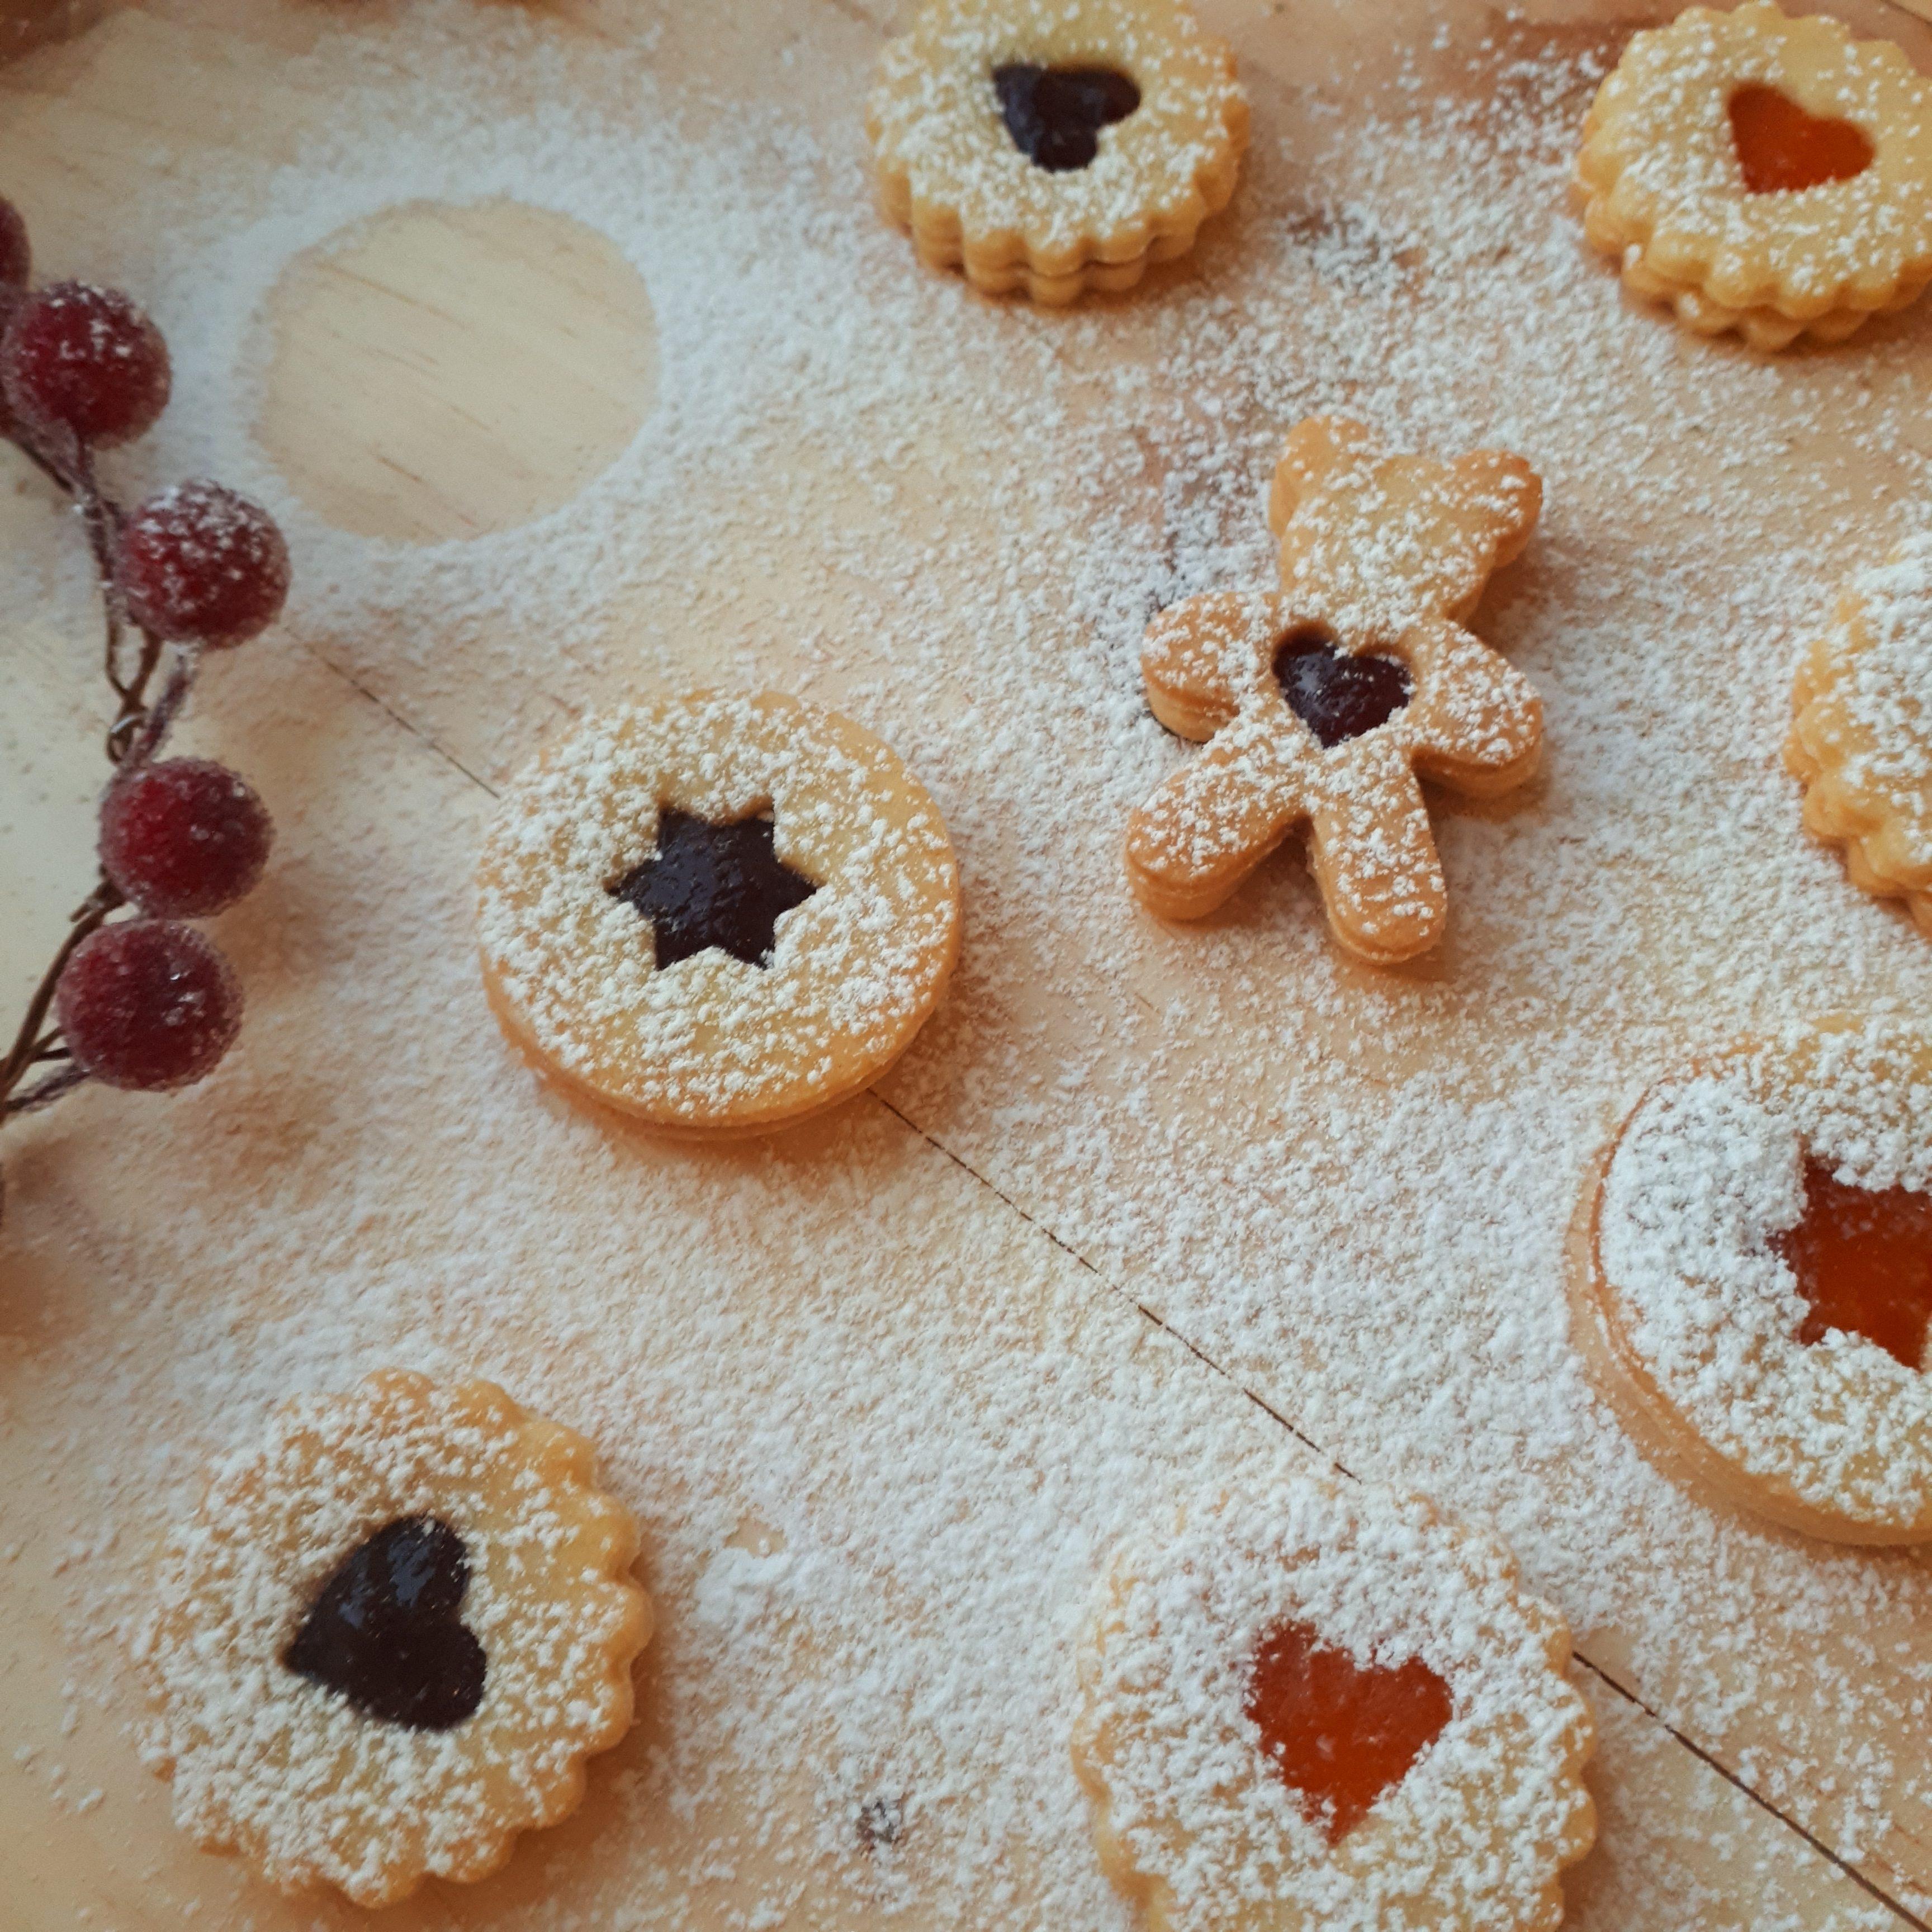 Linecké koláčiky v tvare koliesok a medvedíkov plnené jahodovým a marhuľovým džemom rozložené na drevenej doske posypané práškovým cukrom halúzka z brusníc